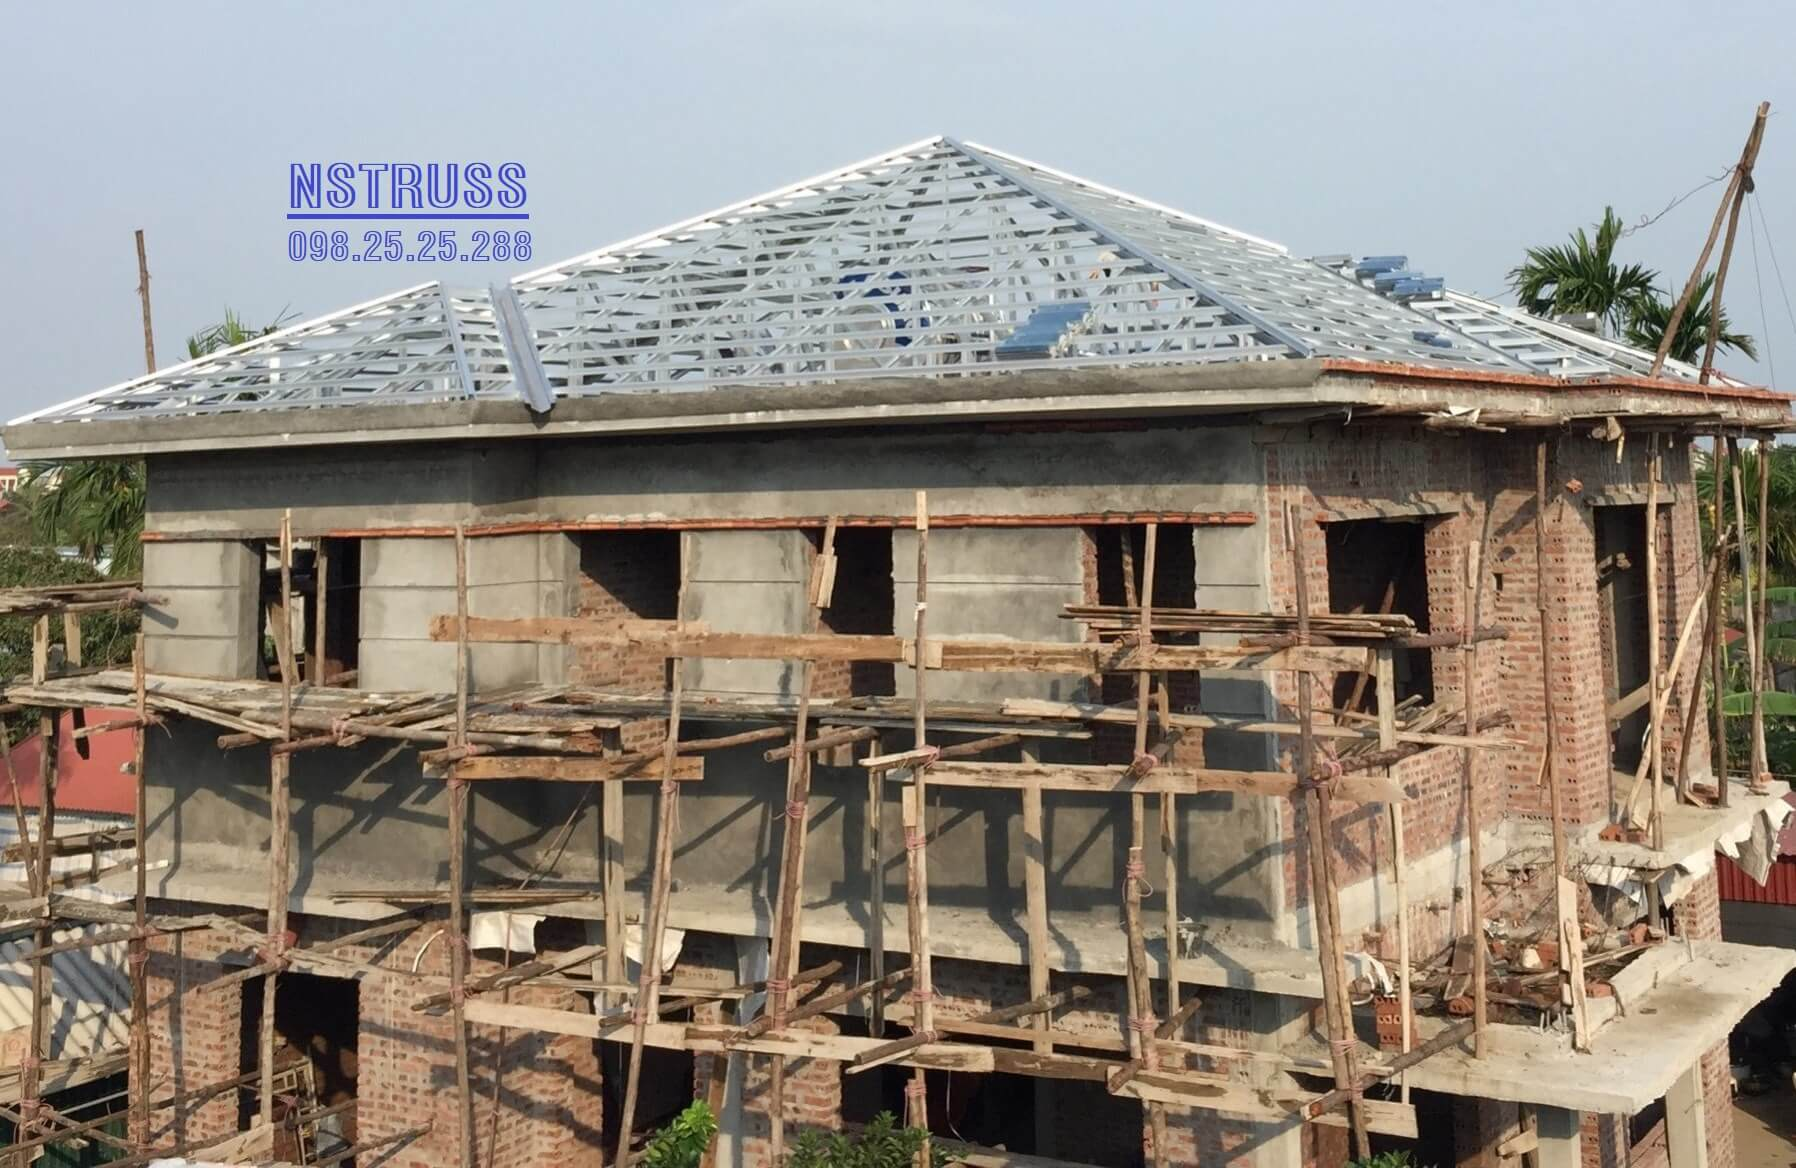 Vì kèo thép chống gỉ cho mái nhà lợp ngói tại thượng quận- kinh môn- Hải dương